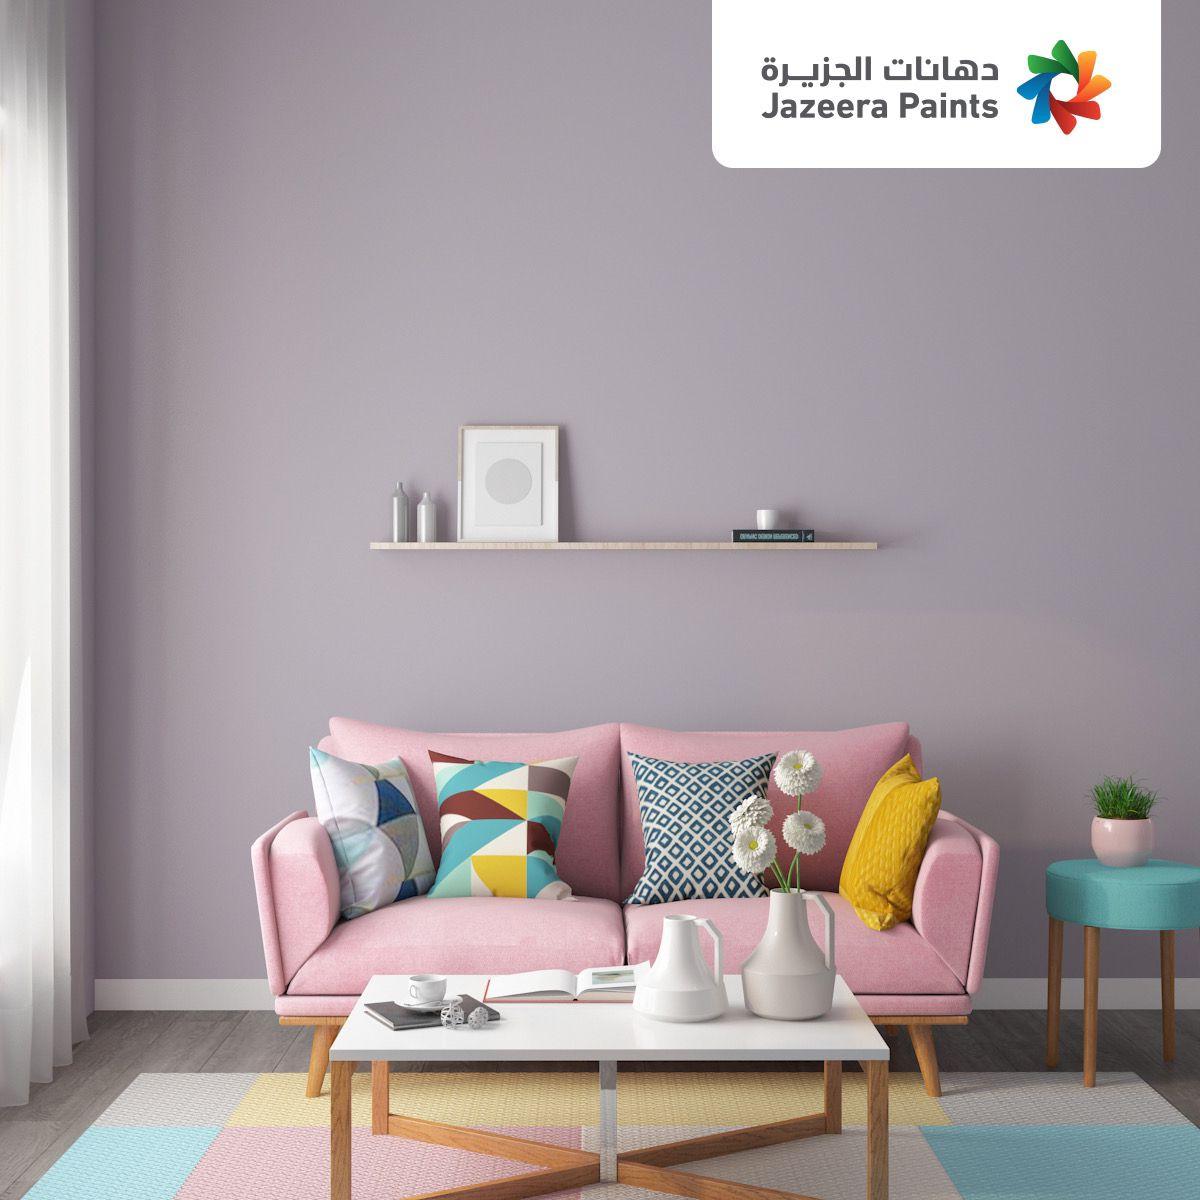 لون بنفسجي ضبابي Furniture Home Decor Decor